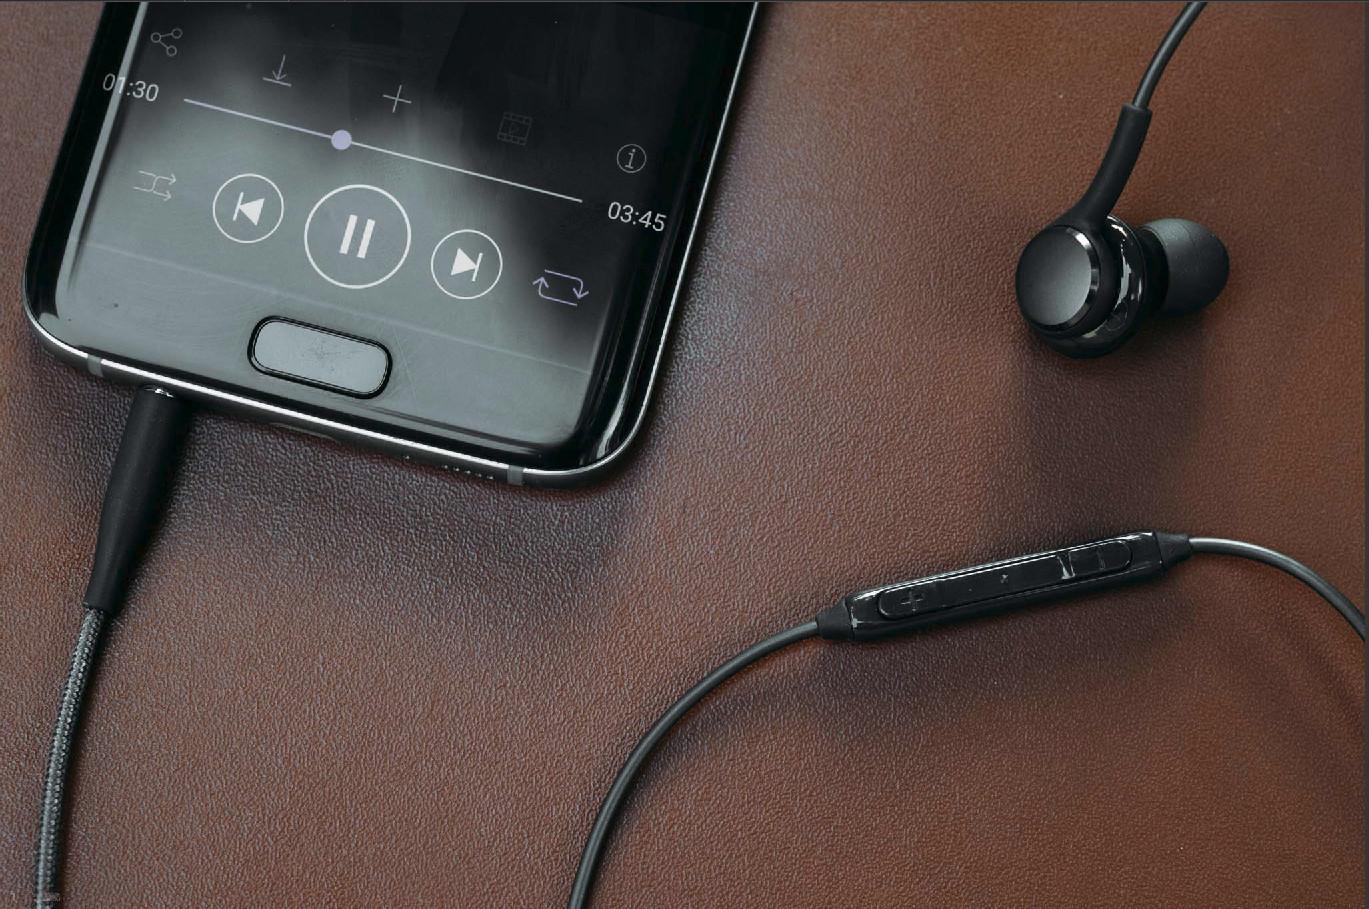 Tai Nghe/Hearphone/Earphones Có Mic, Có Dây, Dành Cho Cách Dòng Điện Thoại Iphone Samsung, OPPO, Jack 3.5 SS